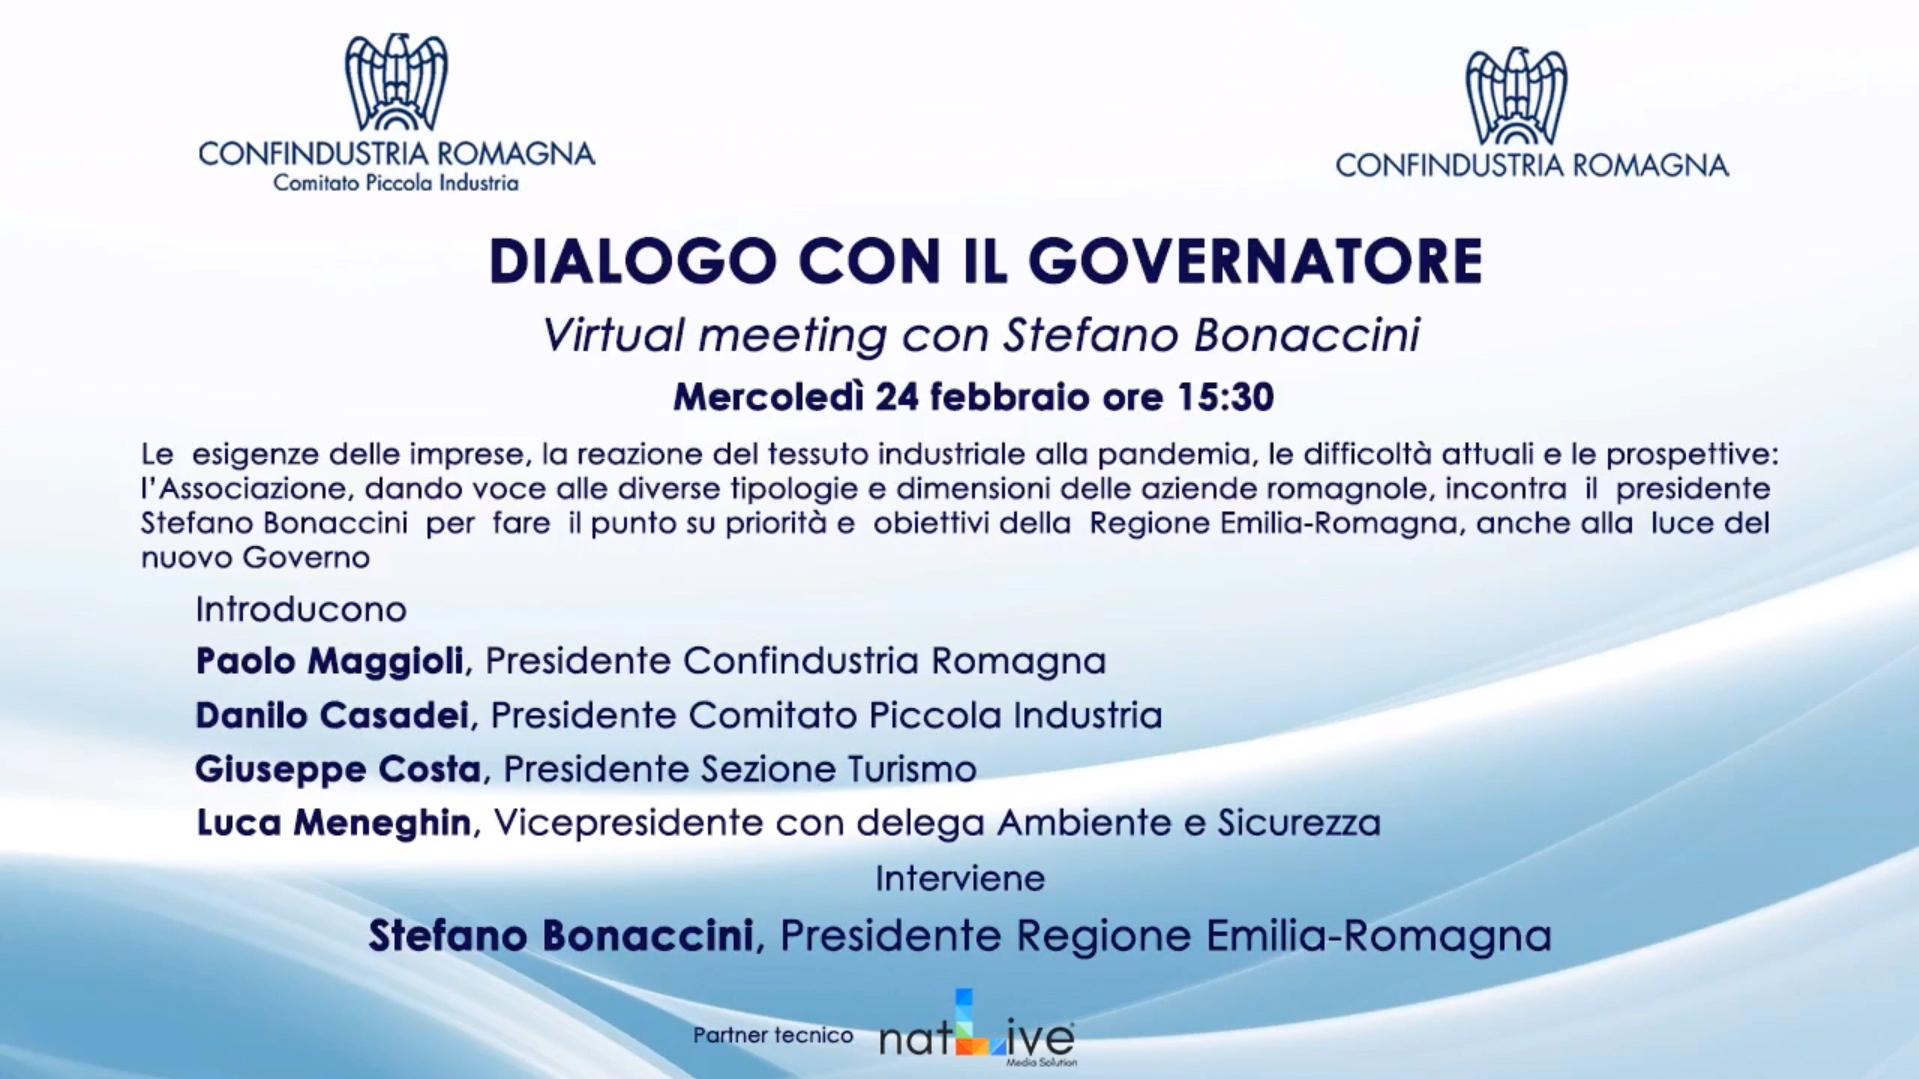 Confindustria Romagna - Dialogo con il governatore